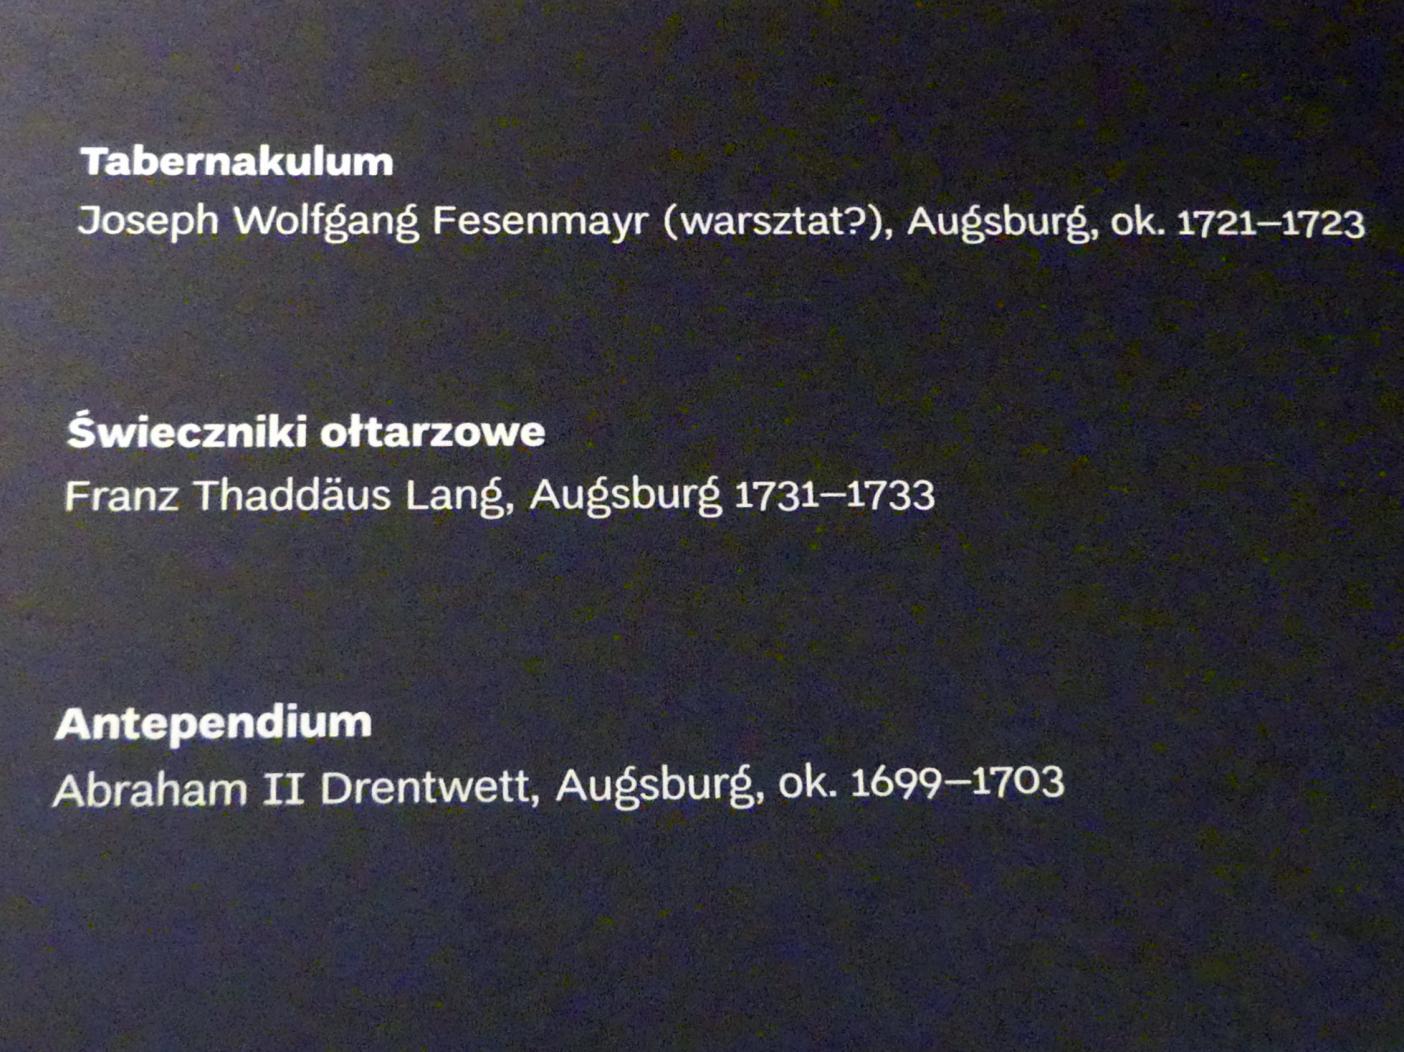 Abraham II. Drentwett: Antependium, 1699 - 1703